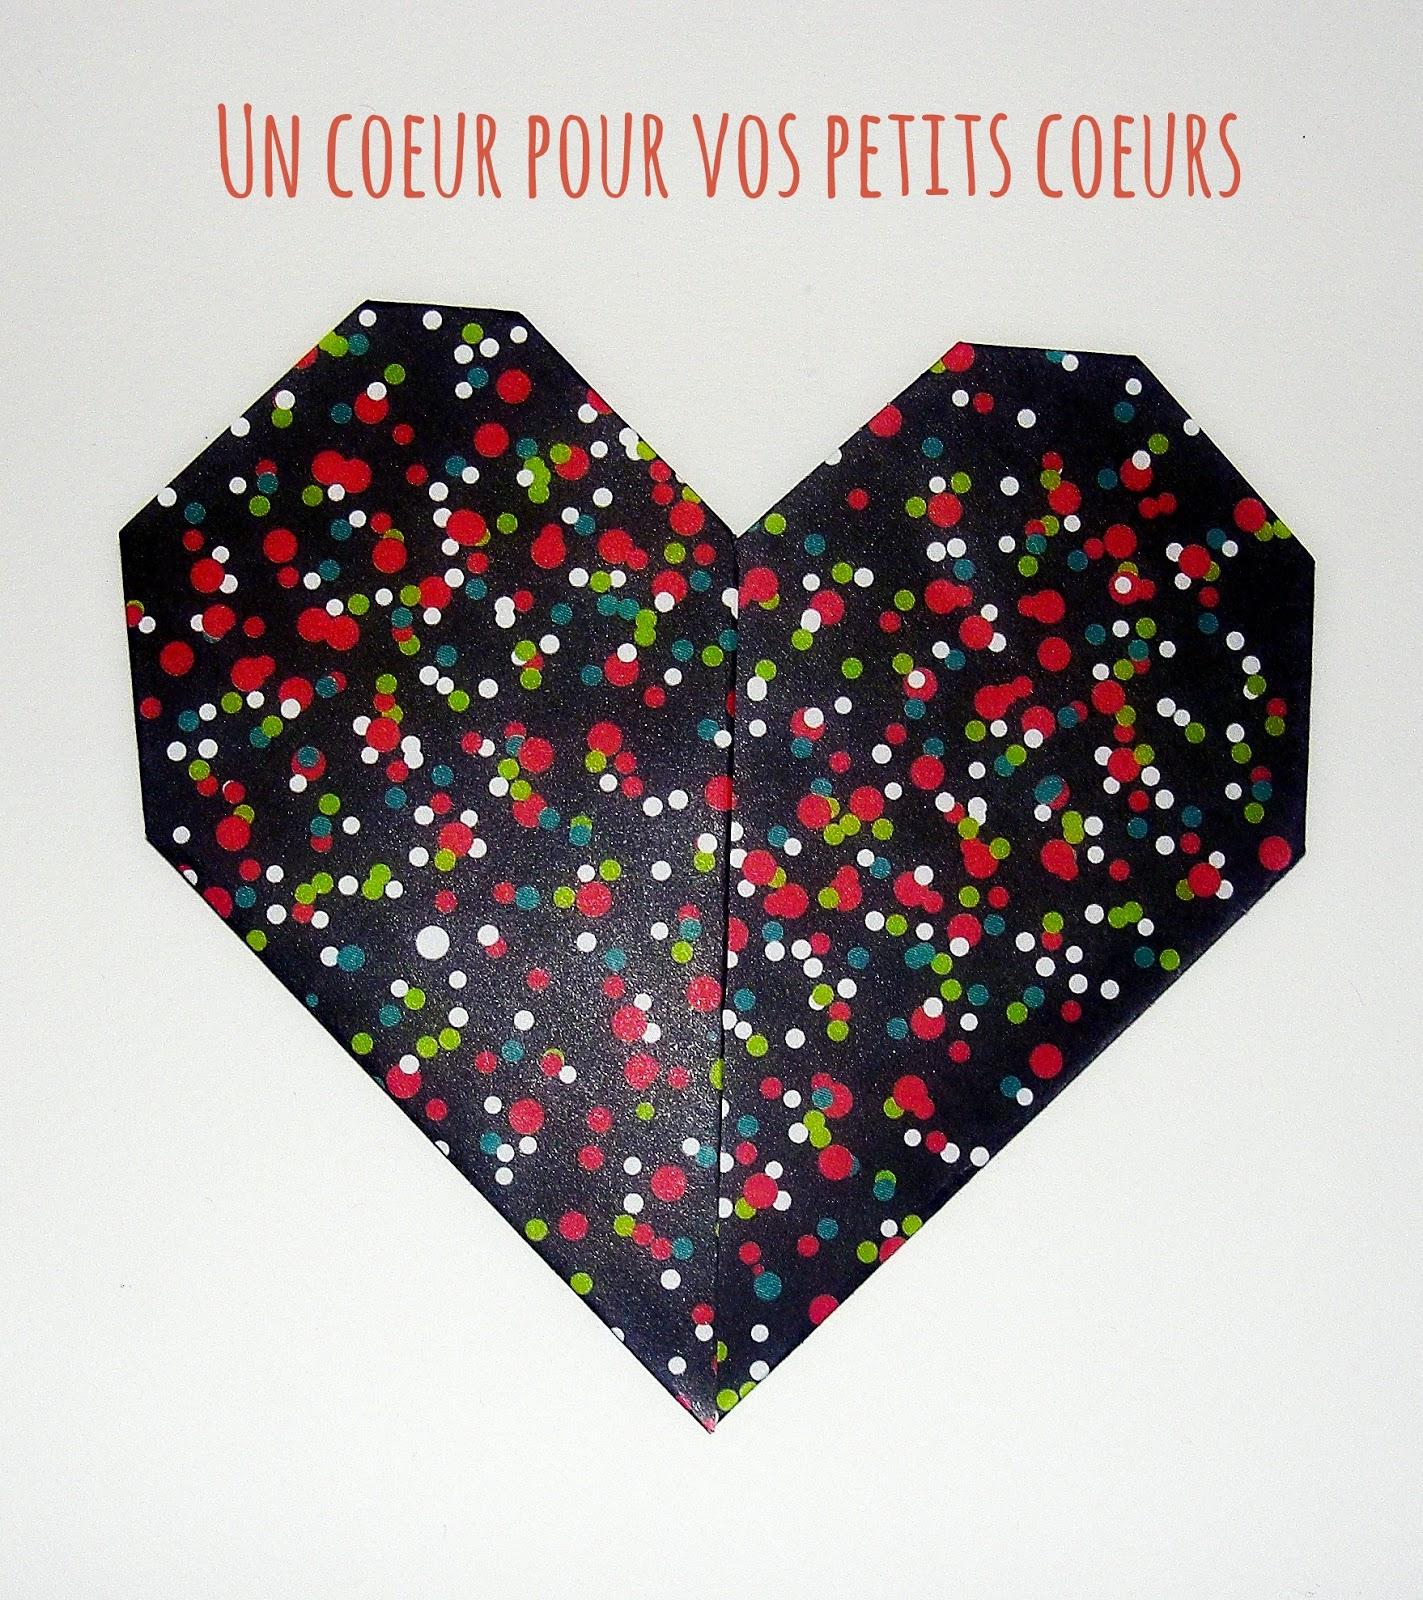 Gabulle in wonderland diy du mercredi pochette en forme de coeur pour petits mots doux - Quoi donner en cadeau pour des noces d or ...